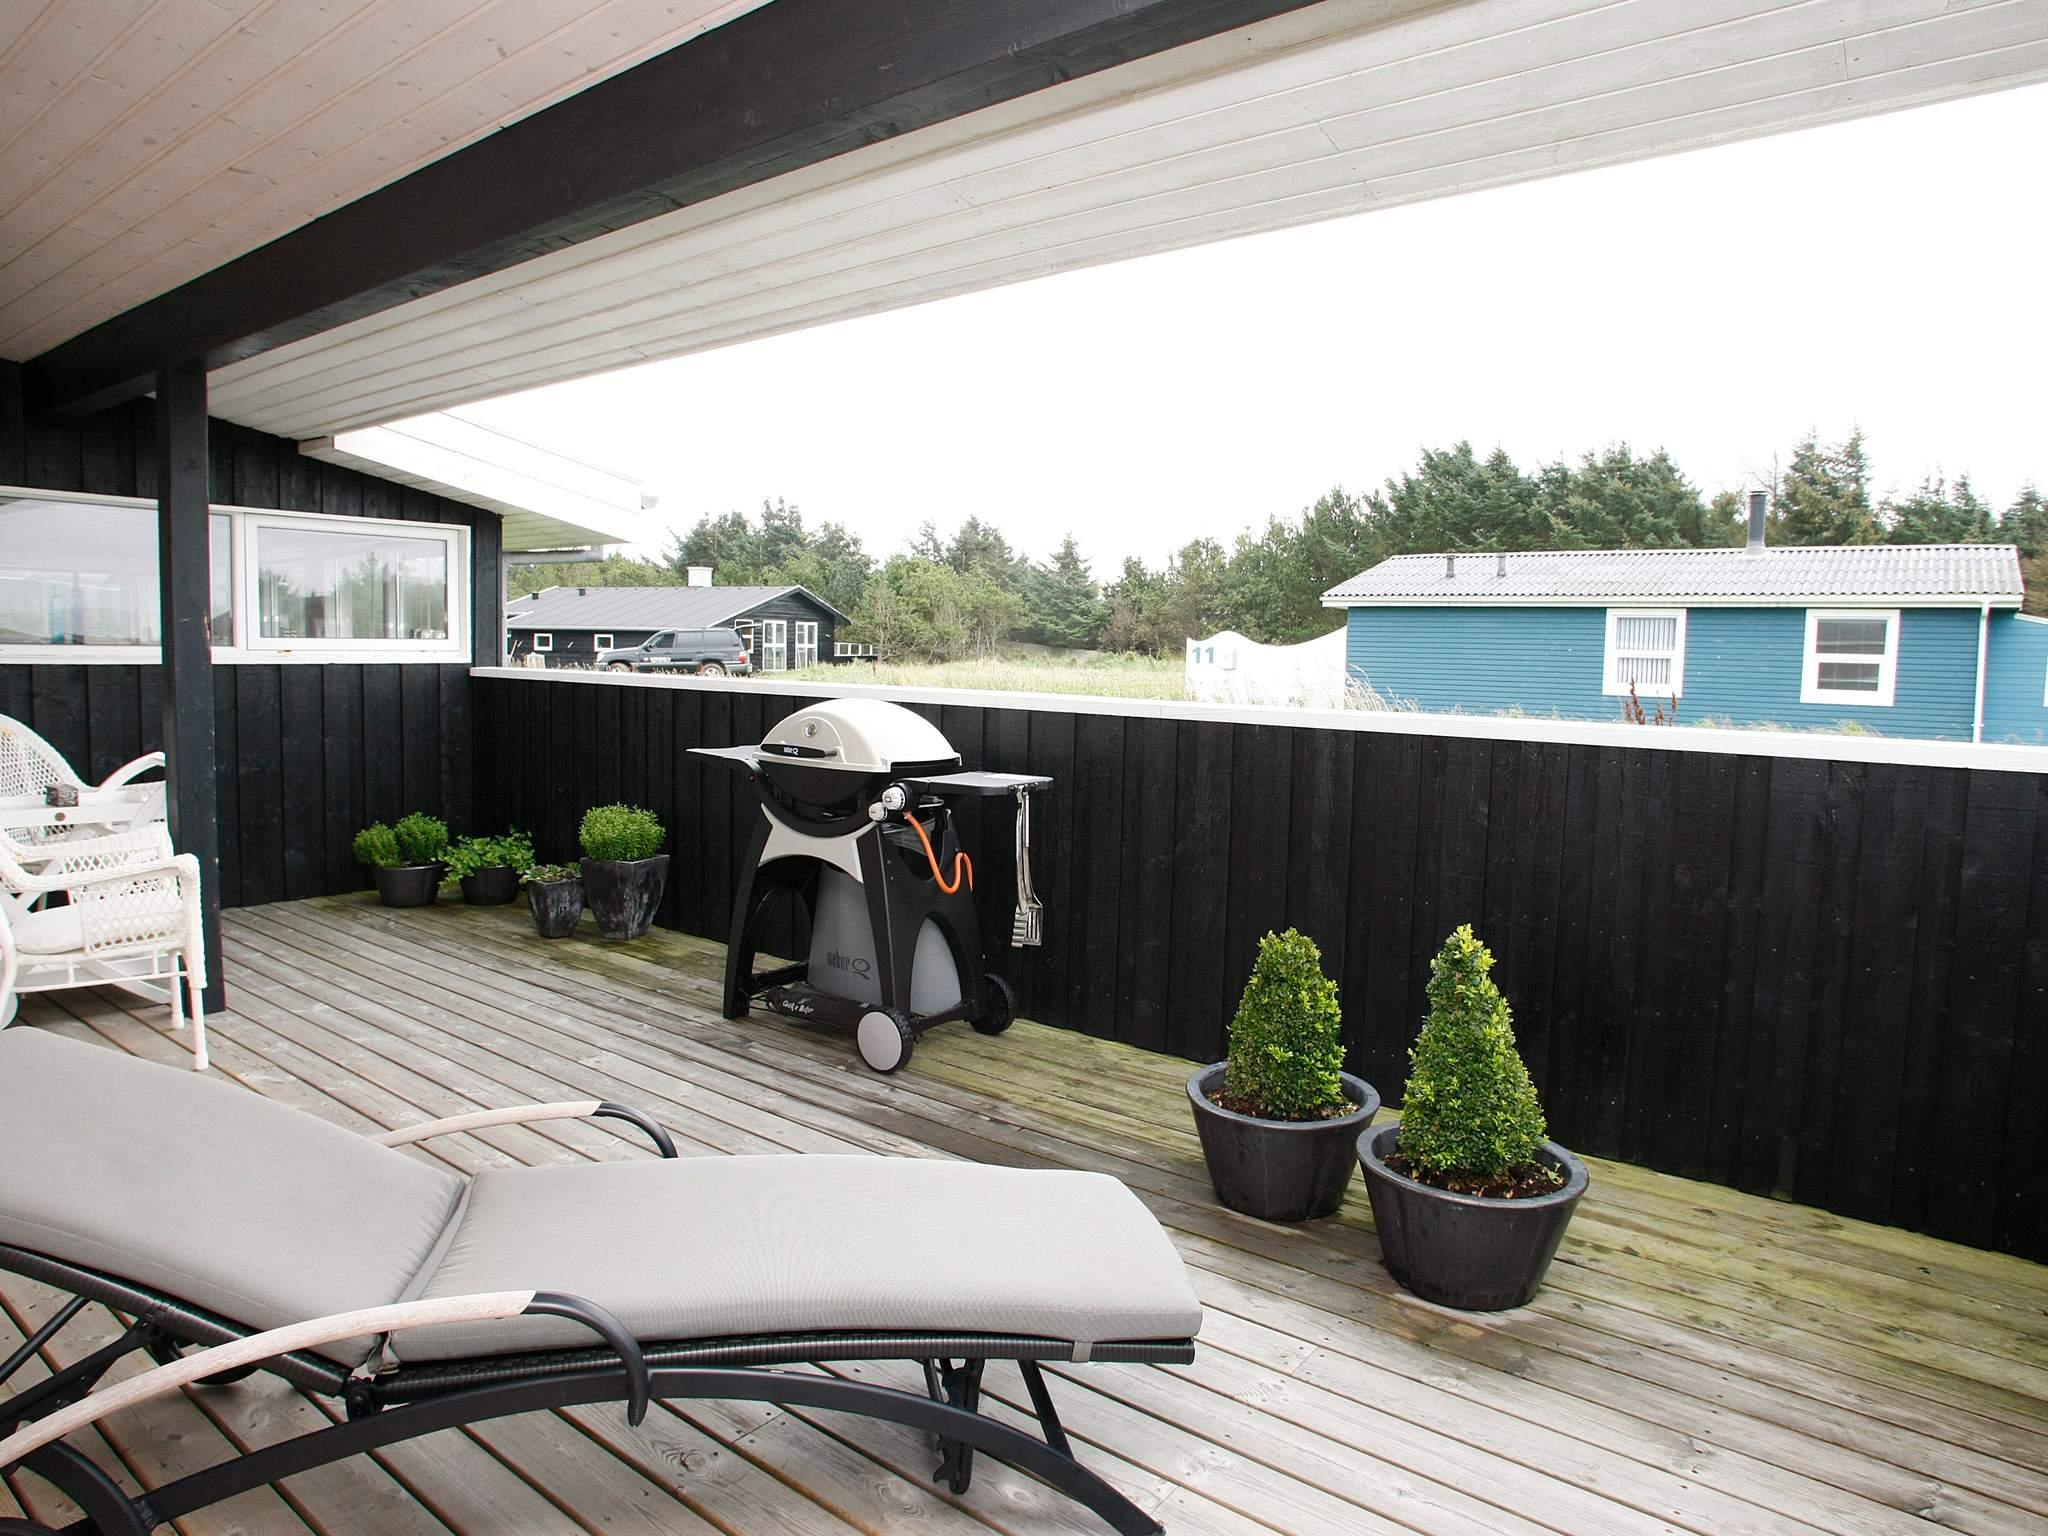 Ferienhaus Løkken (498647), Løkken, , Nordwestjütland, Dänemark, Bild 10